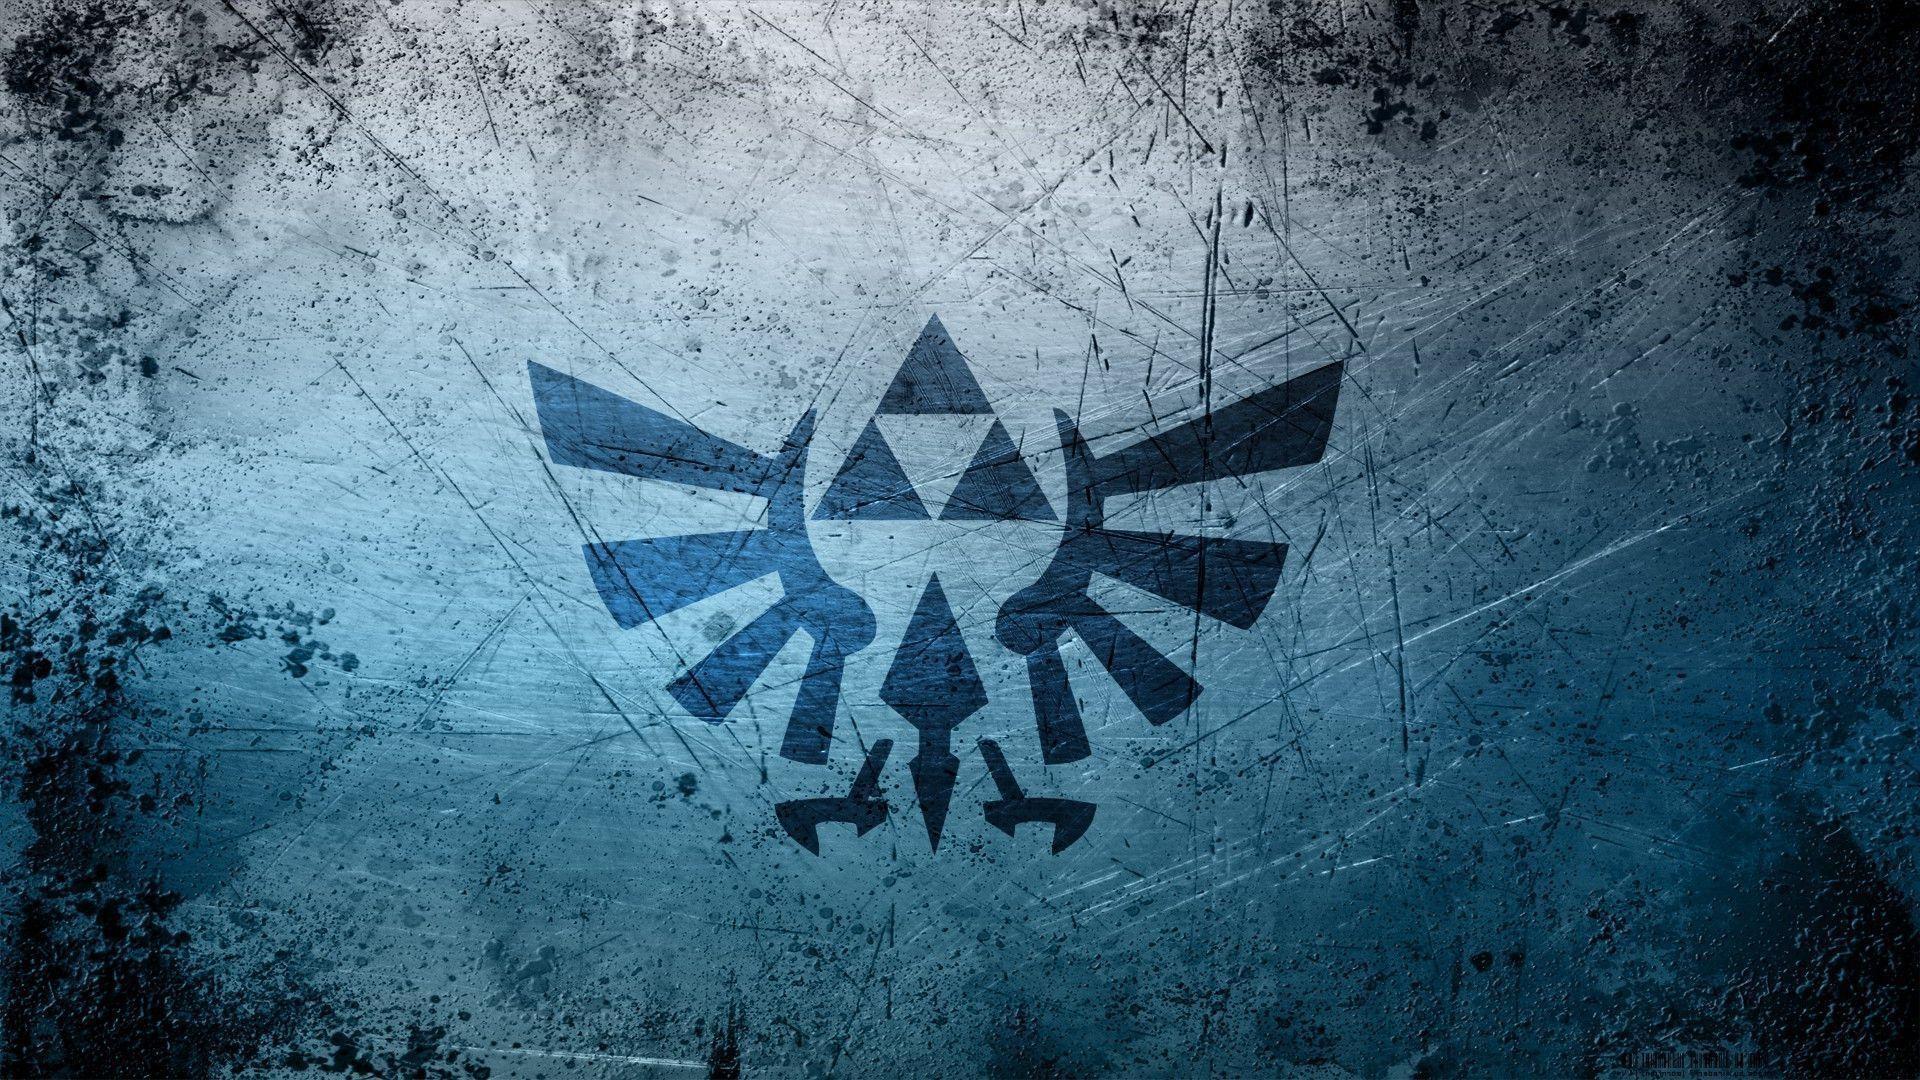 1920x1080 Triforce - The Legend of Zelda Wallpaper #